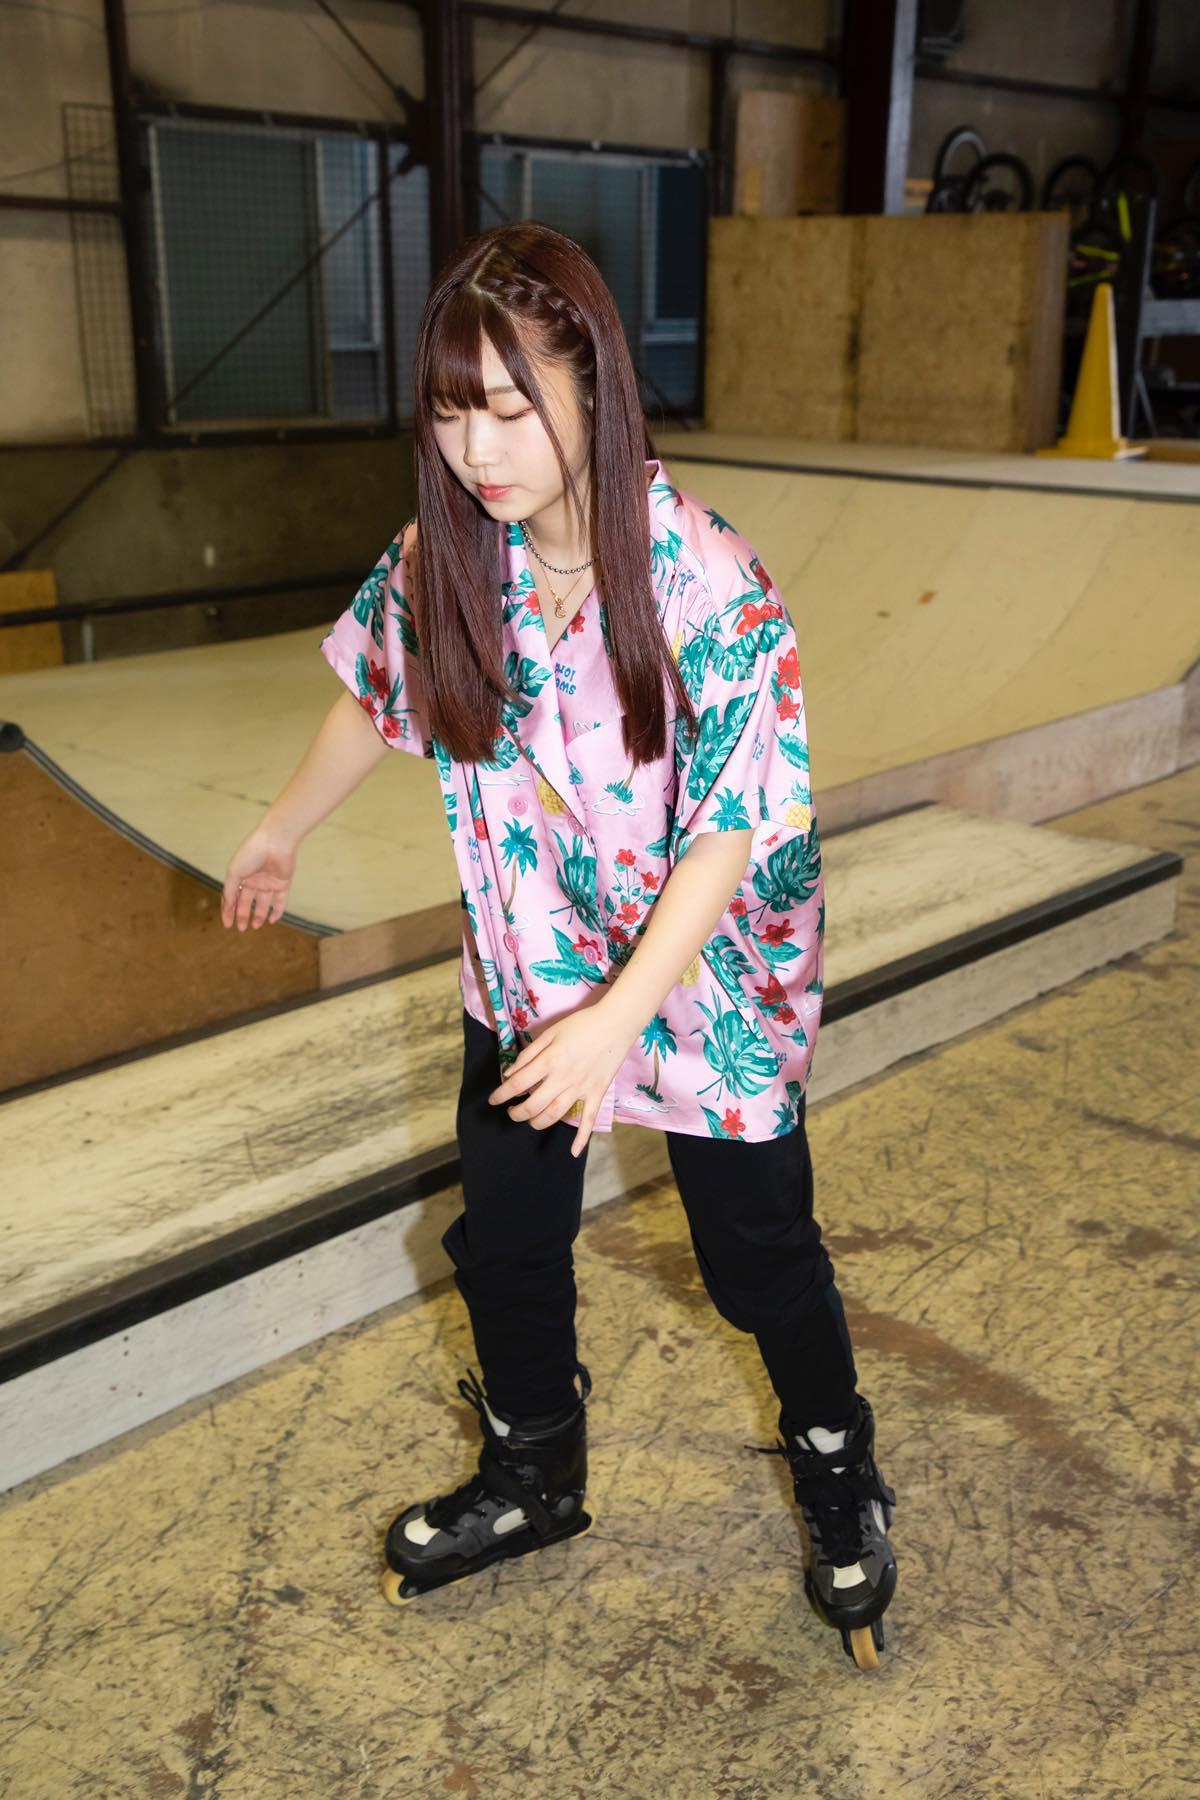 米田みいな「初めてのインラインスケートでなぜかにゃんこスターのモノマネ!?」【写真37枚】【連載】ラストアイドルのすっぴん!vol.21の画像009